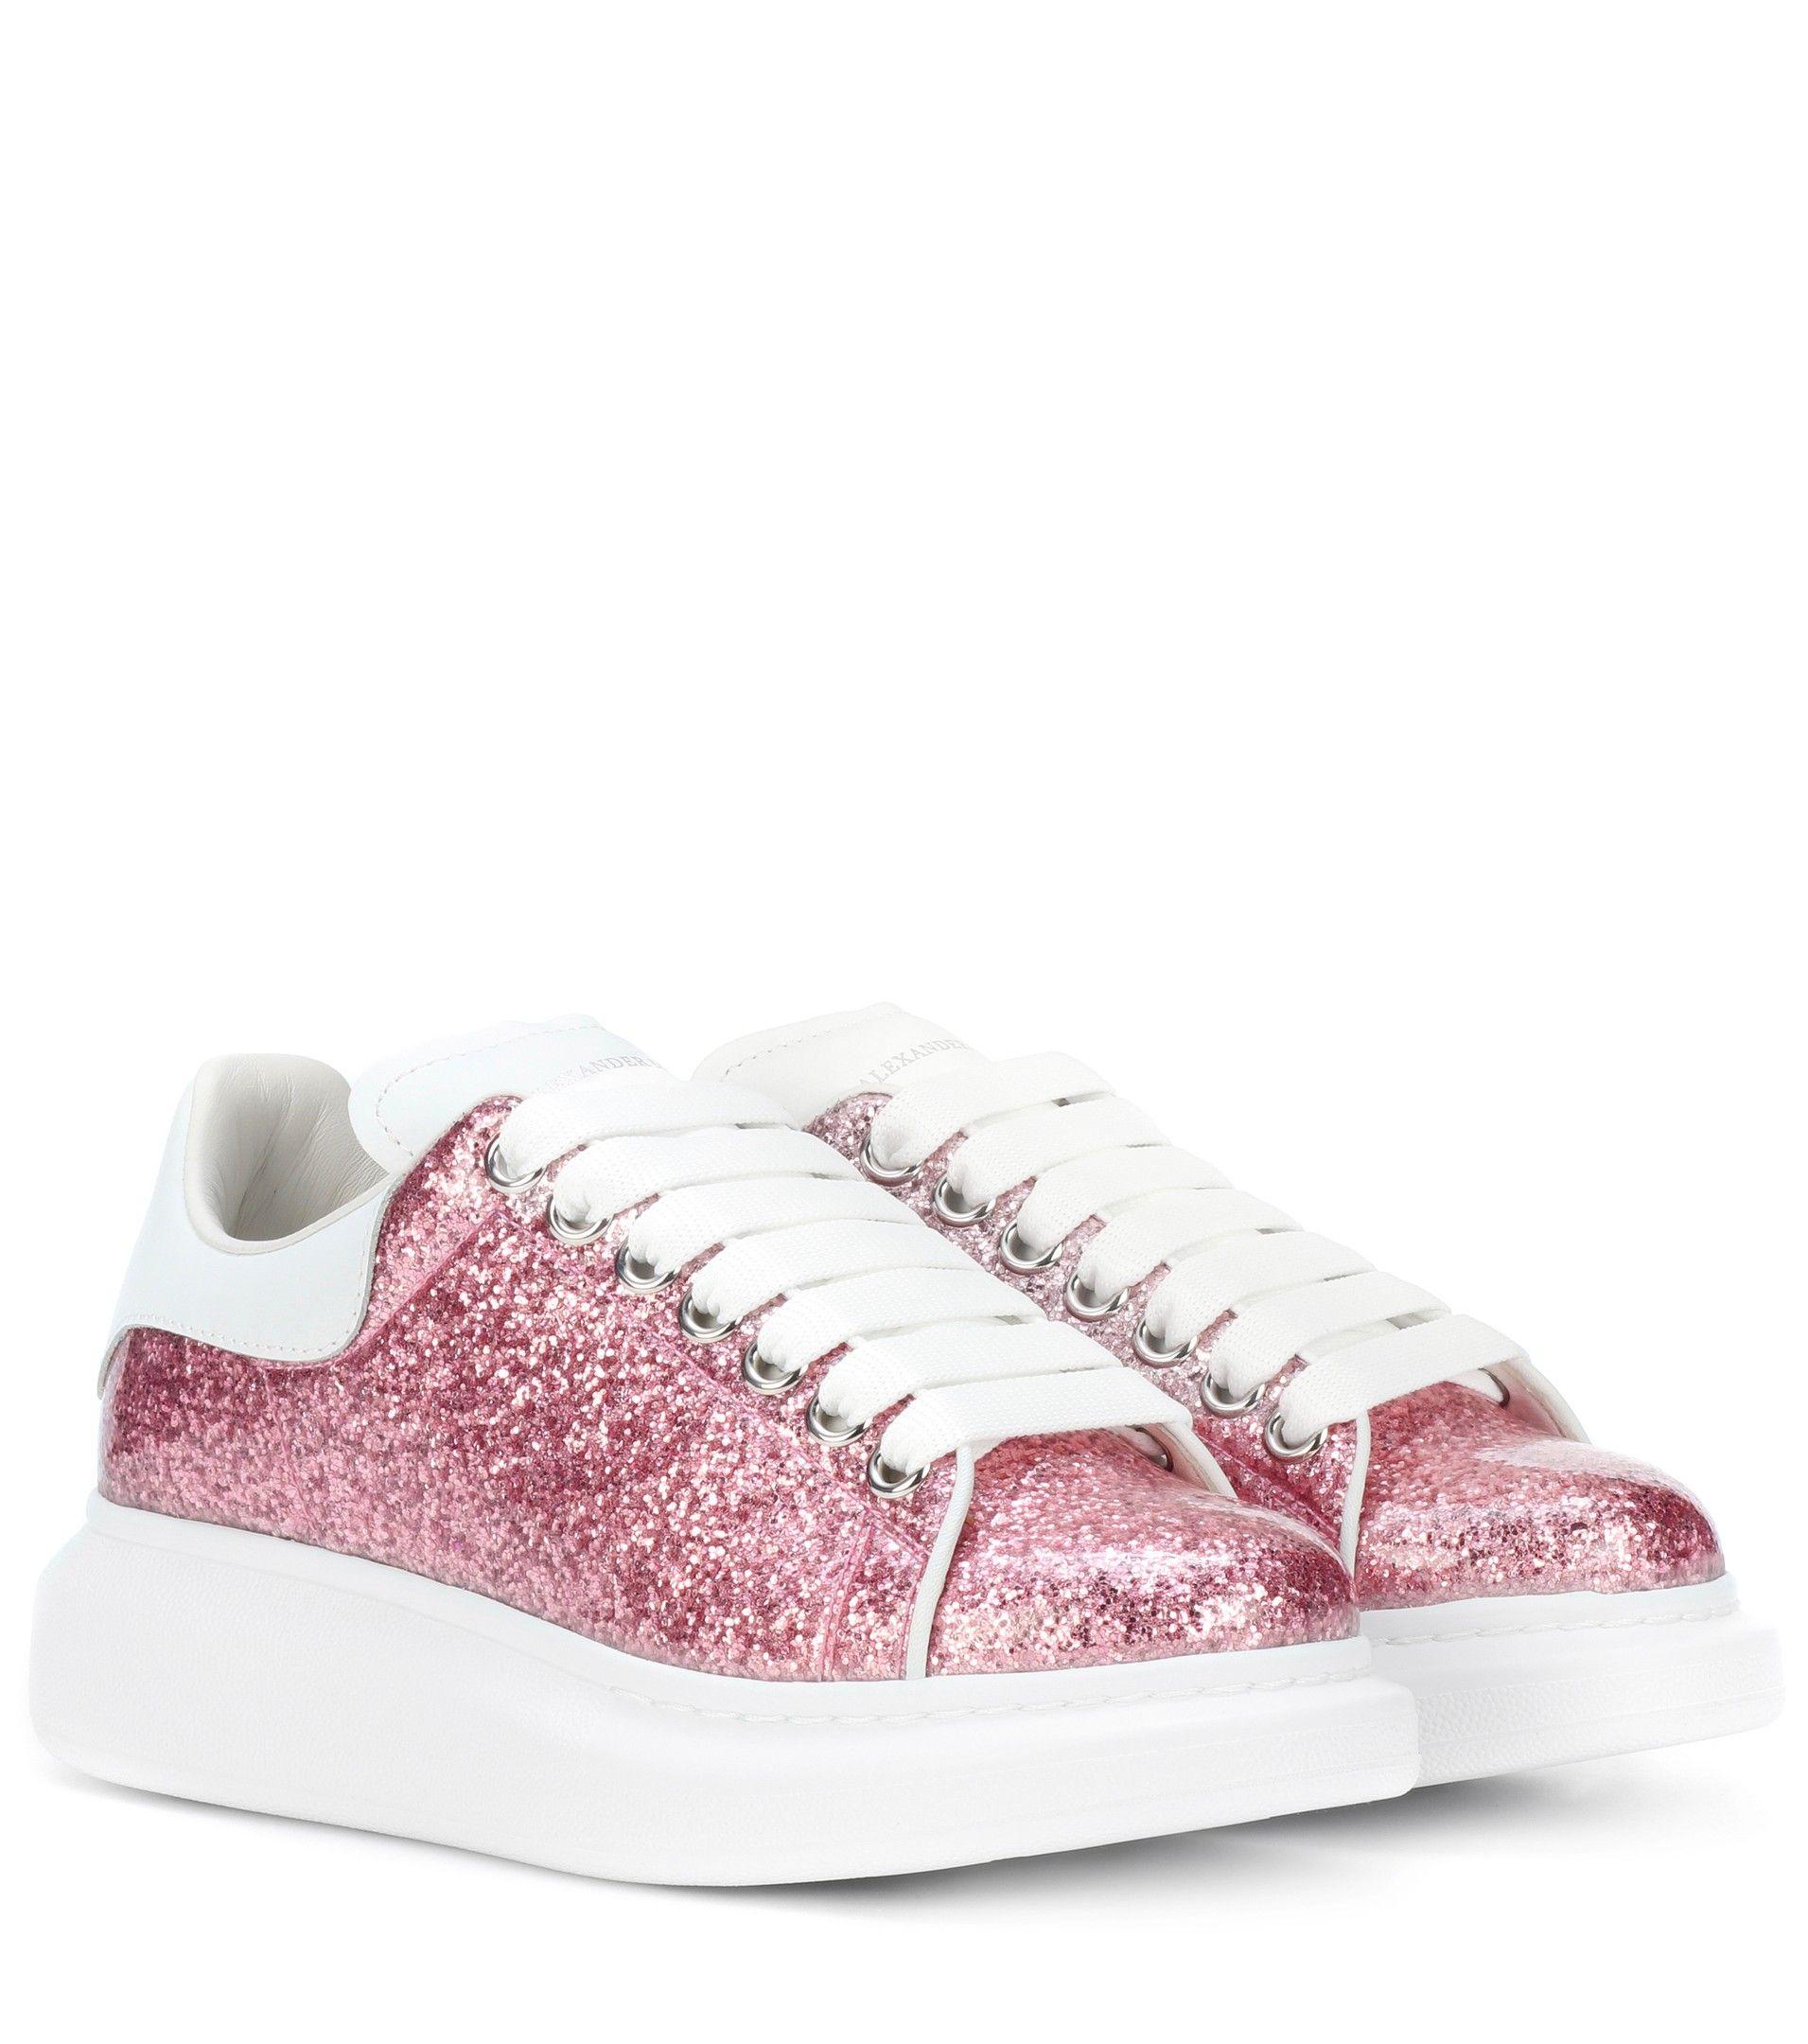 569d2a2325c1 Alexander McQueen - Glitter Platform Leather Sneakers